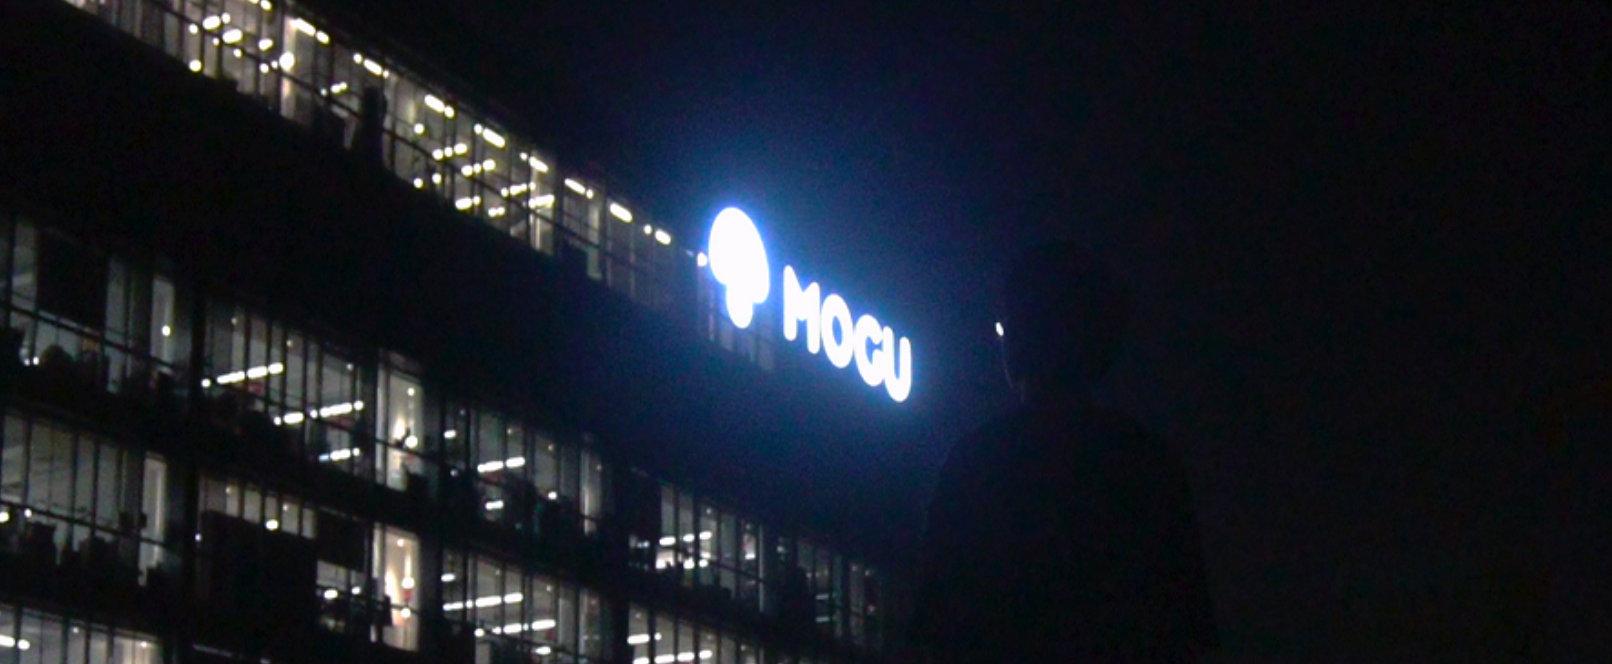 工作一周年,带你认识杭州最好的电商公司敖丙-三太子敖丙 公众号为什么成长迅速